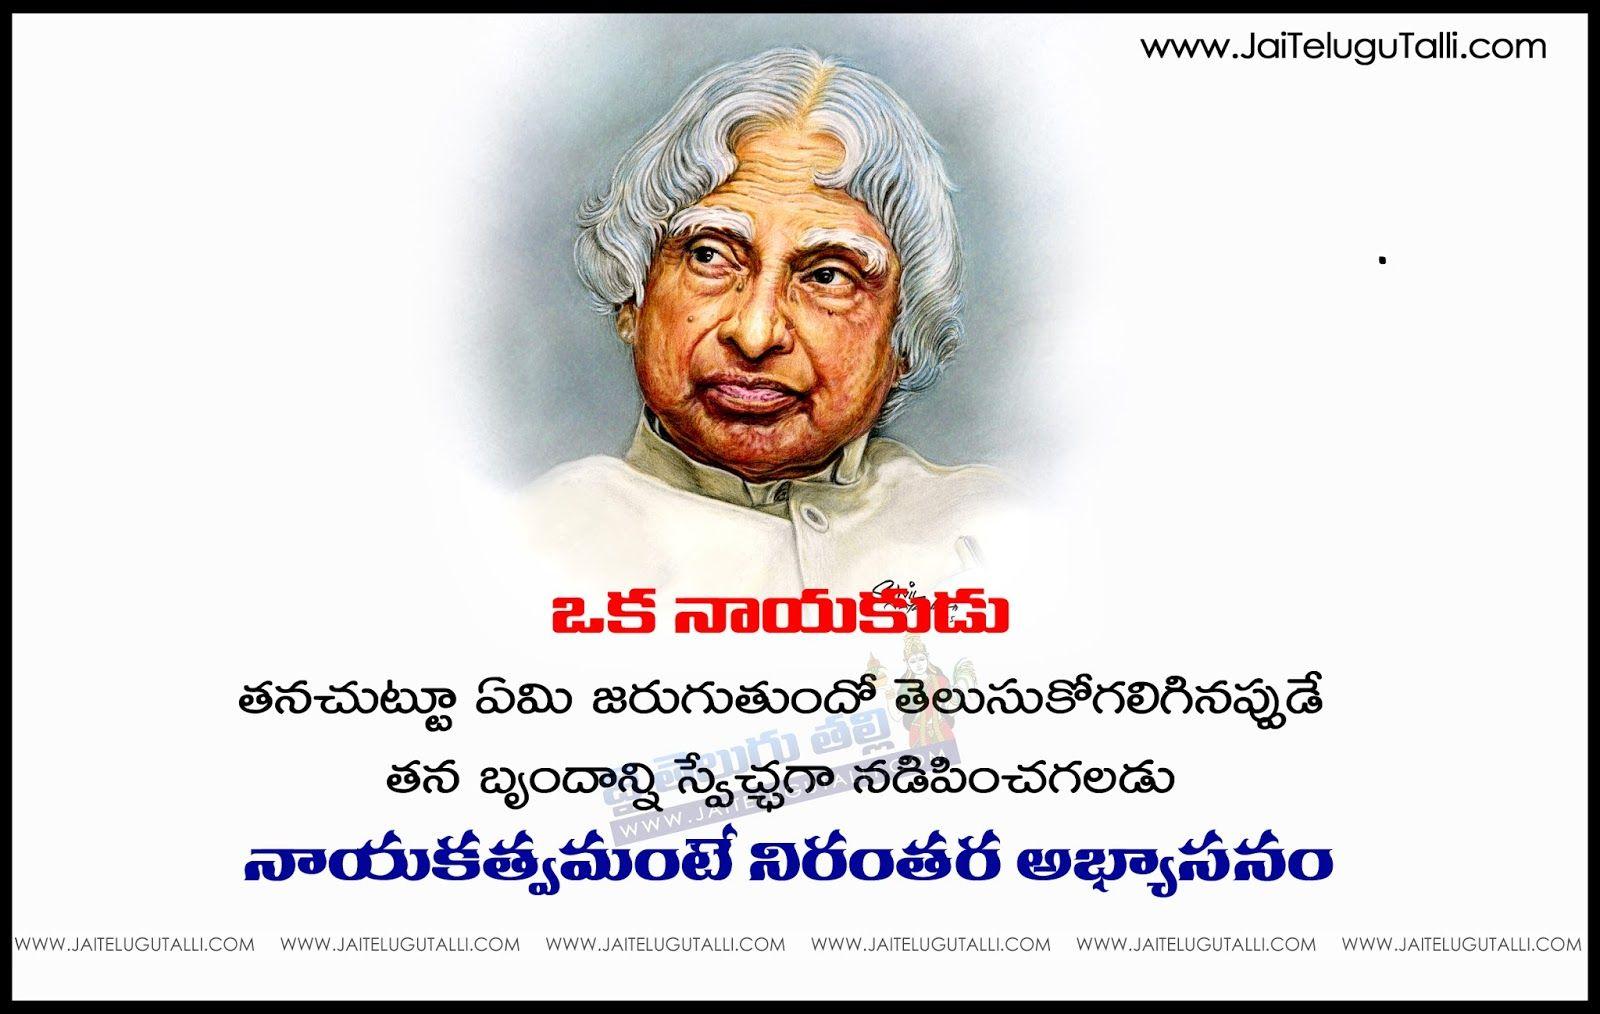 Abdul Kalam Life Quotes In Telugu Abdul Kalam Motivational Quotes